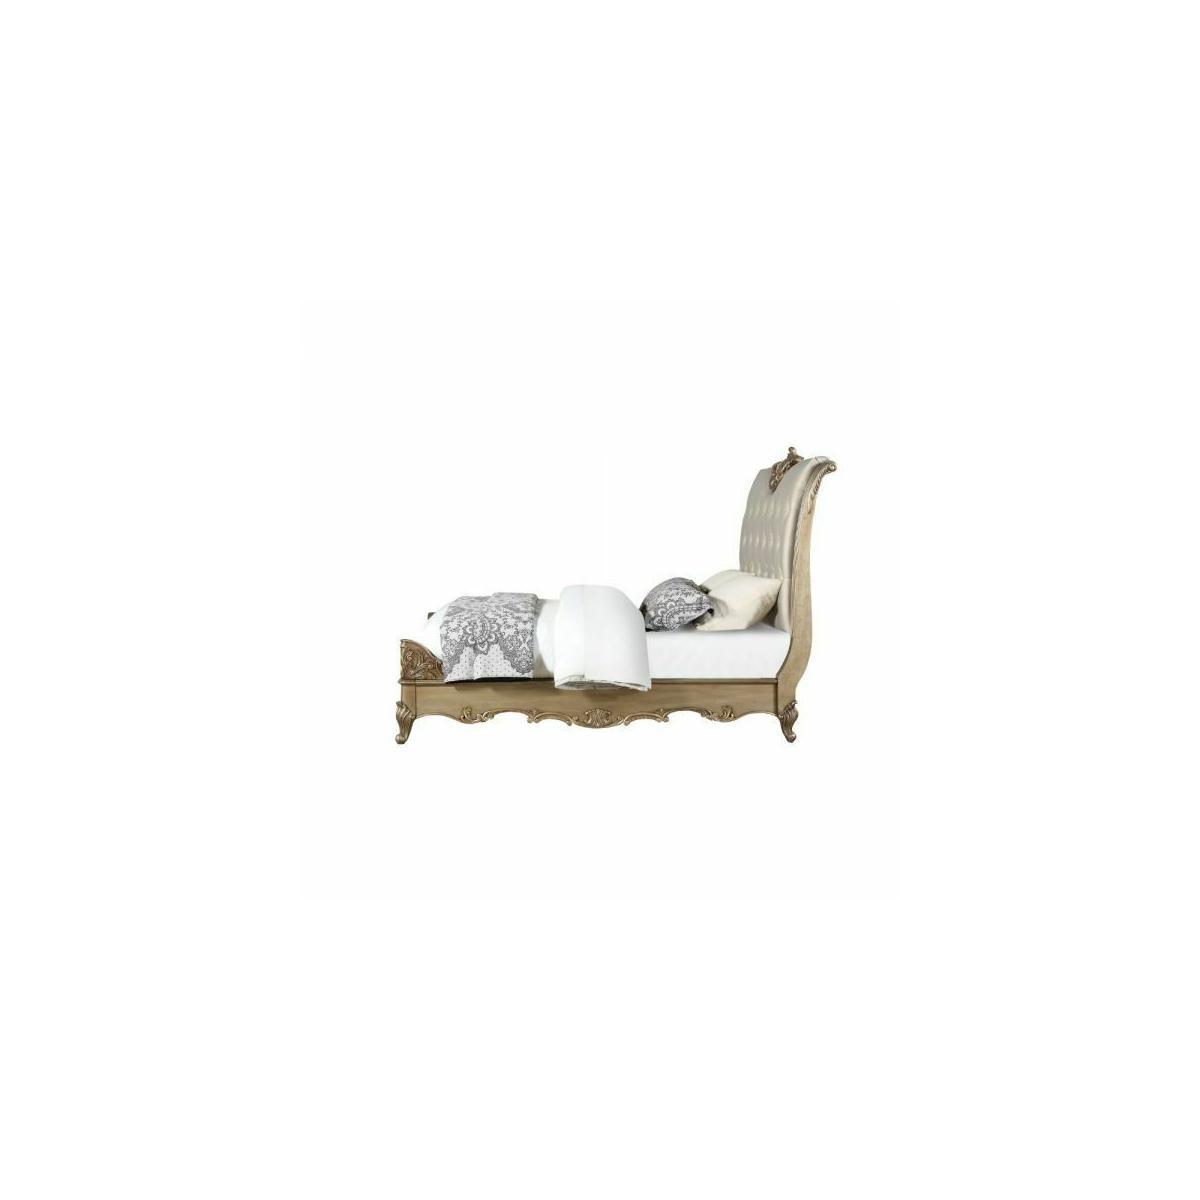 ACME Orianne Eastern King Bed - 23787EK - Champagne PU & Antique Gold